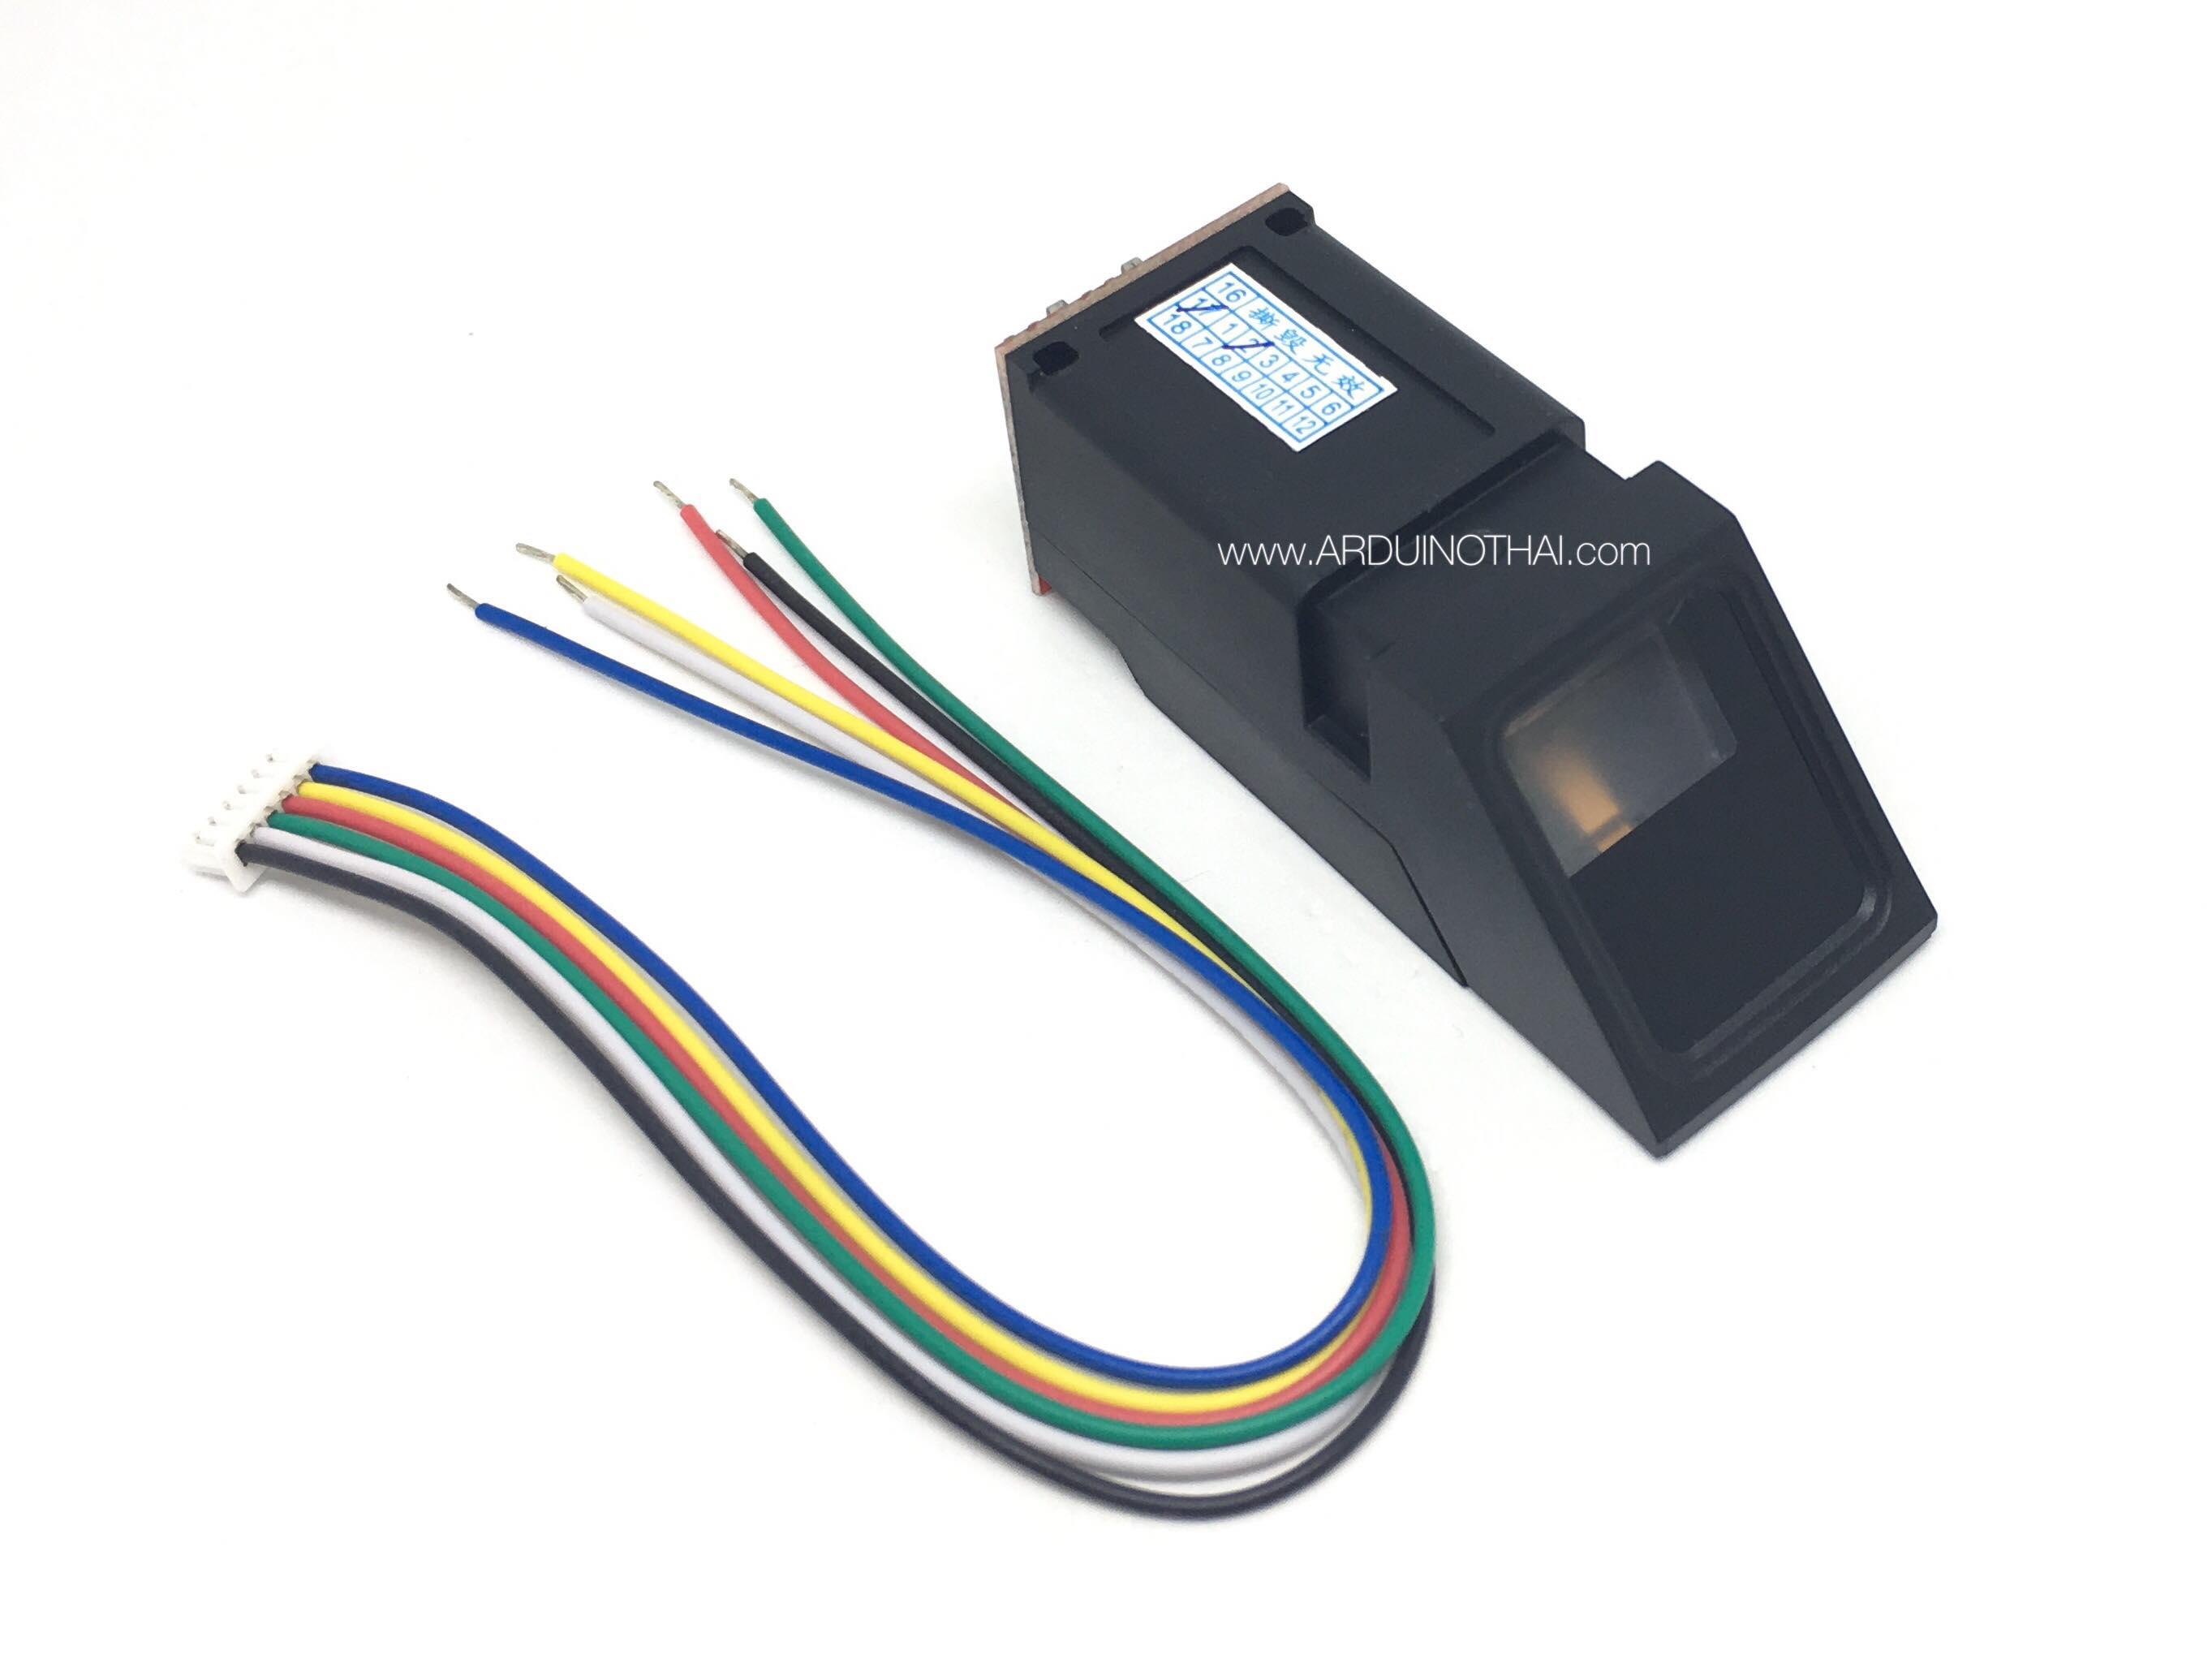 Fingerprint Sensor (DFRobot)